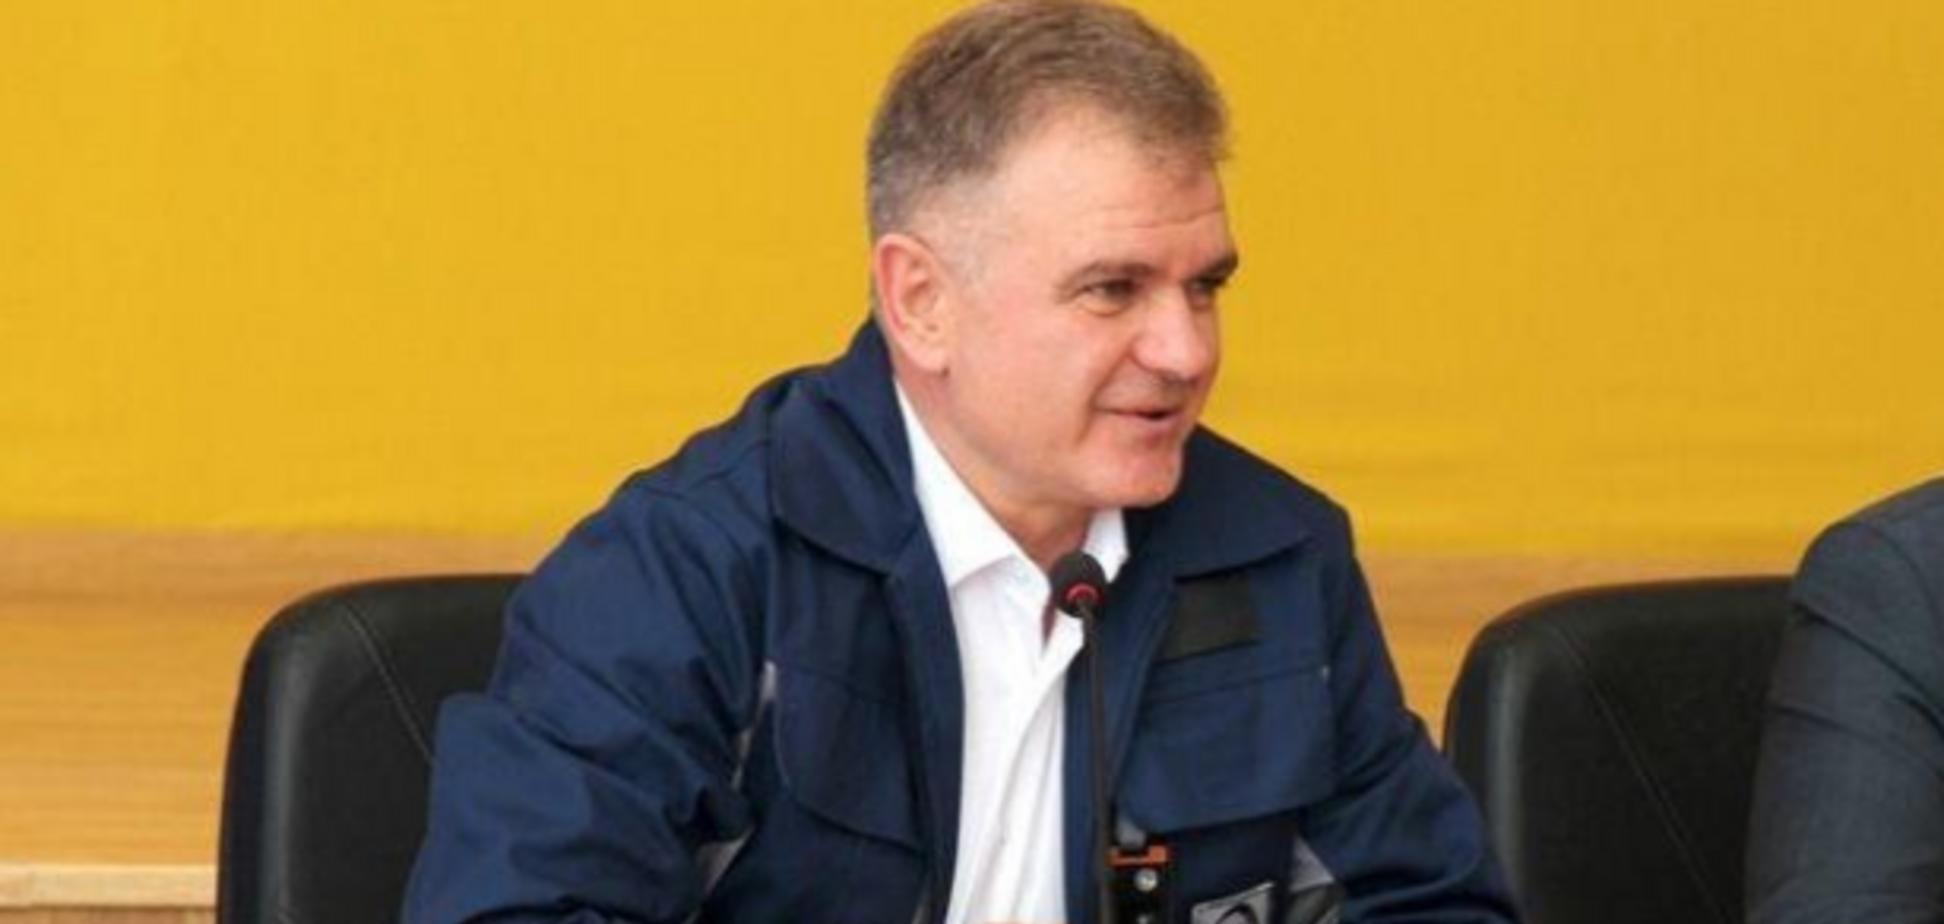 Против главы ДАЗВ Калашника начали еще одно уголовное производство: 'миллиардные махинации на тендерах'